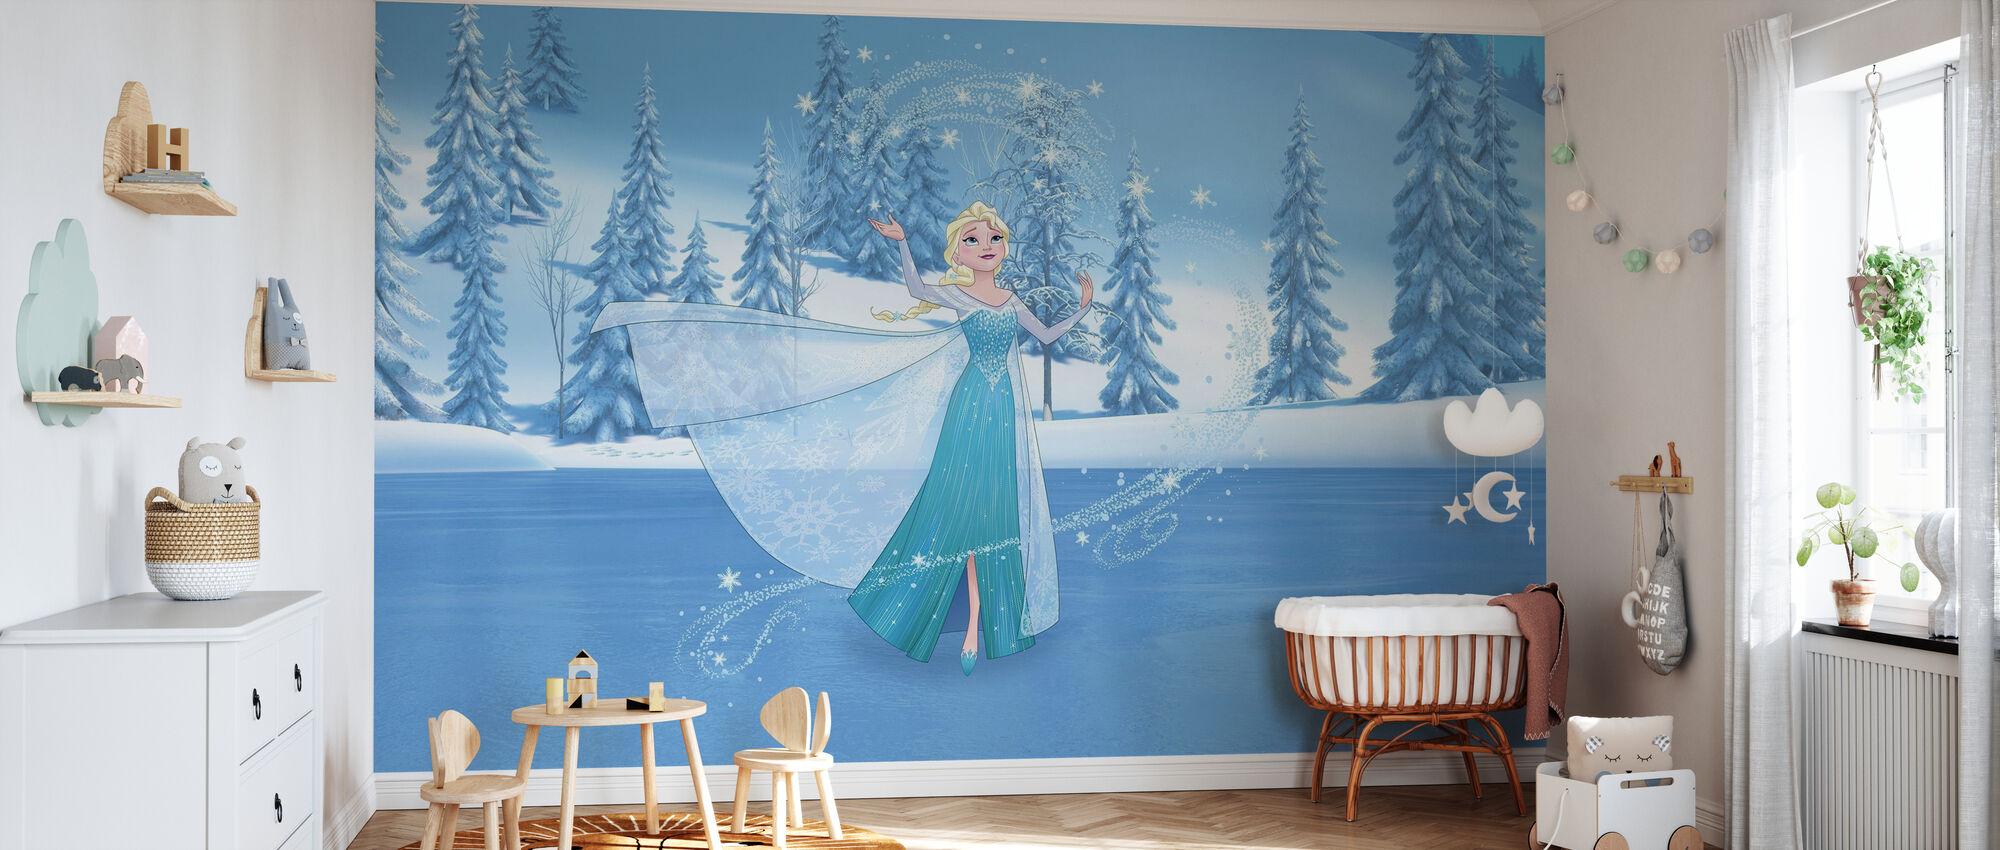 Fryst - Elsa och magiska hjärta - Tapet - Babyrum